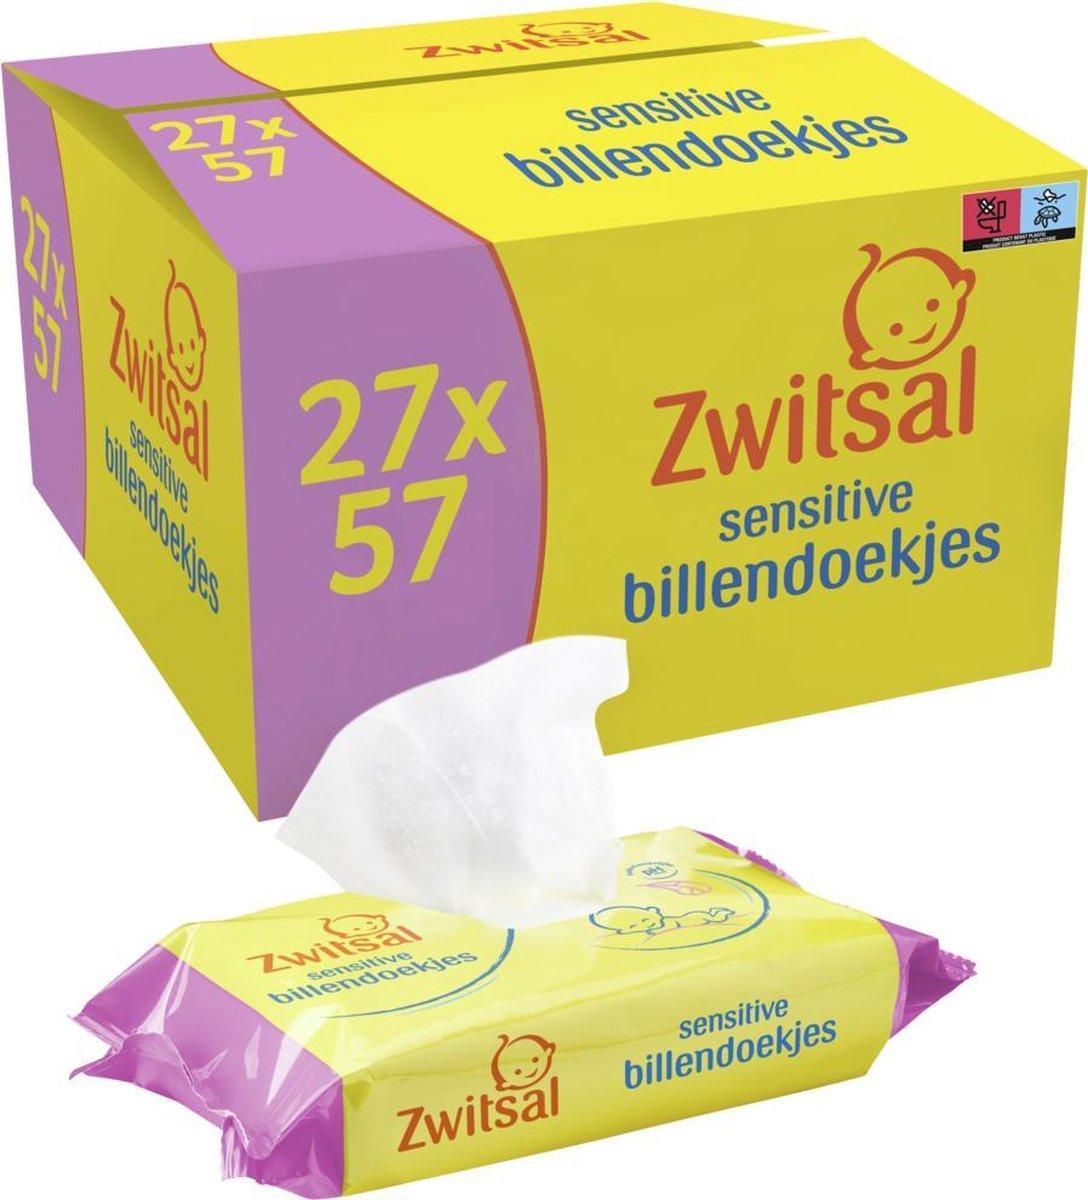 Zwitsal Sensitive Billendoekjes - 1539 billendoekjes - Voordeelverpakking